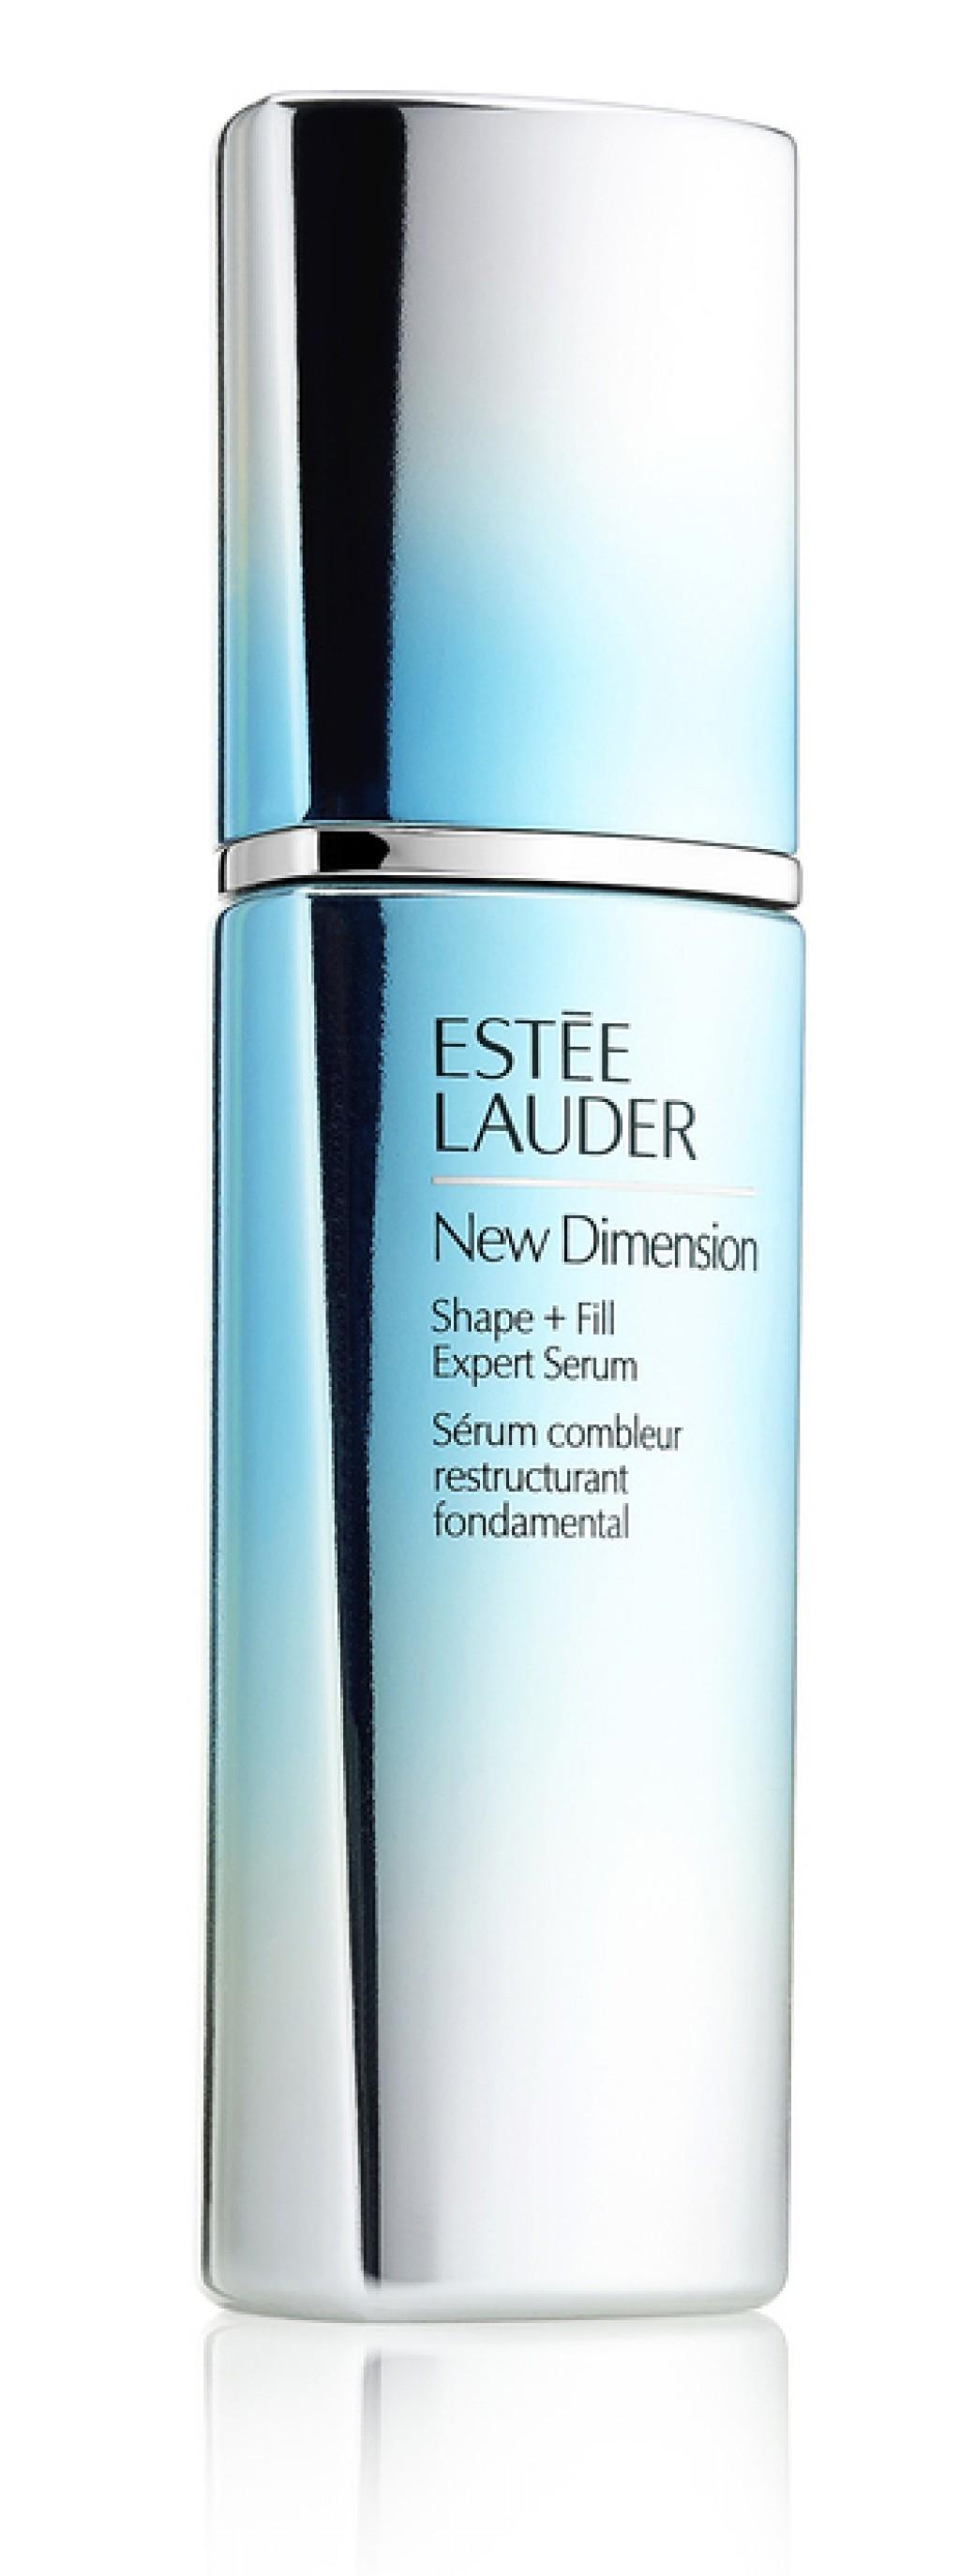 estee lauder new dimension review